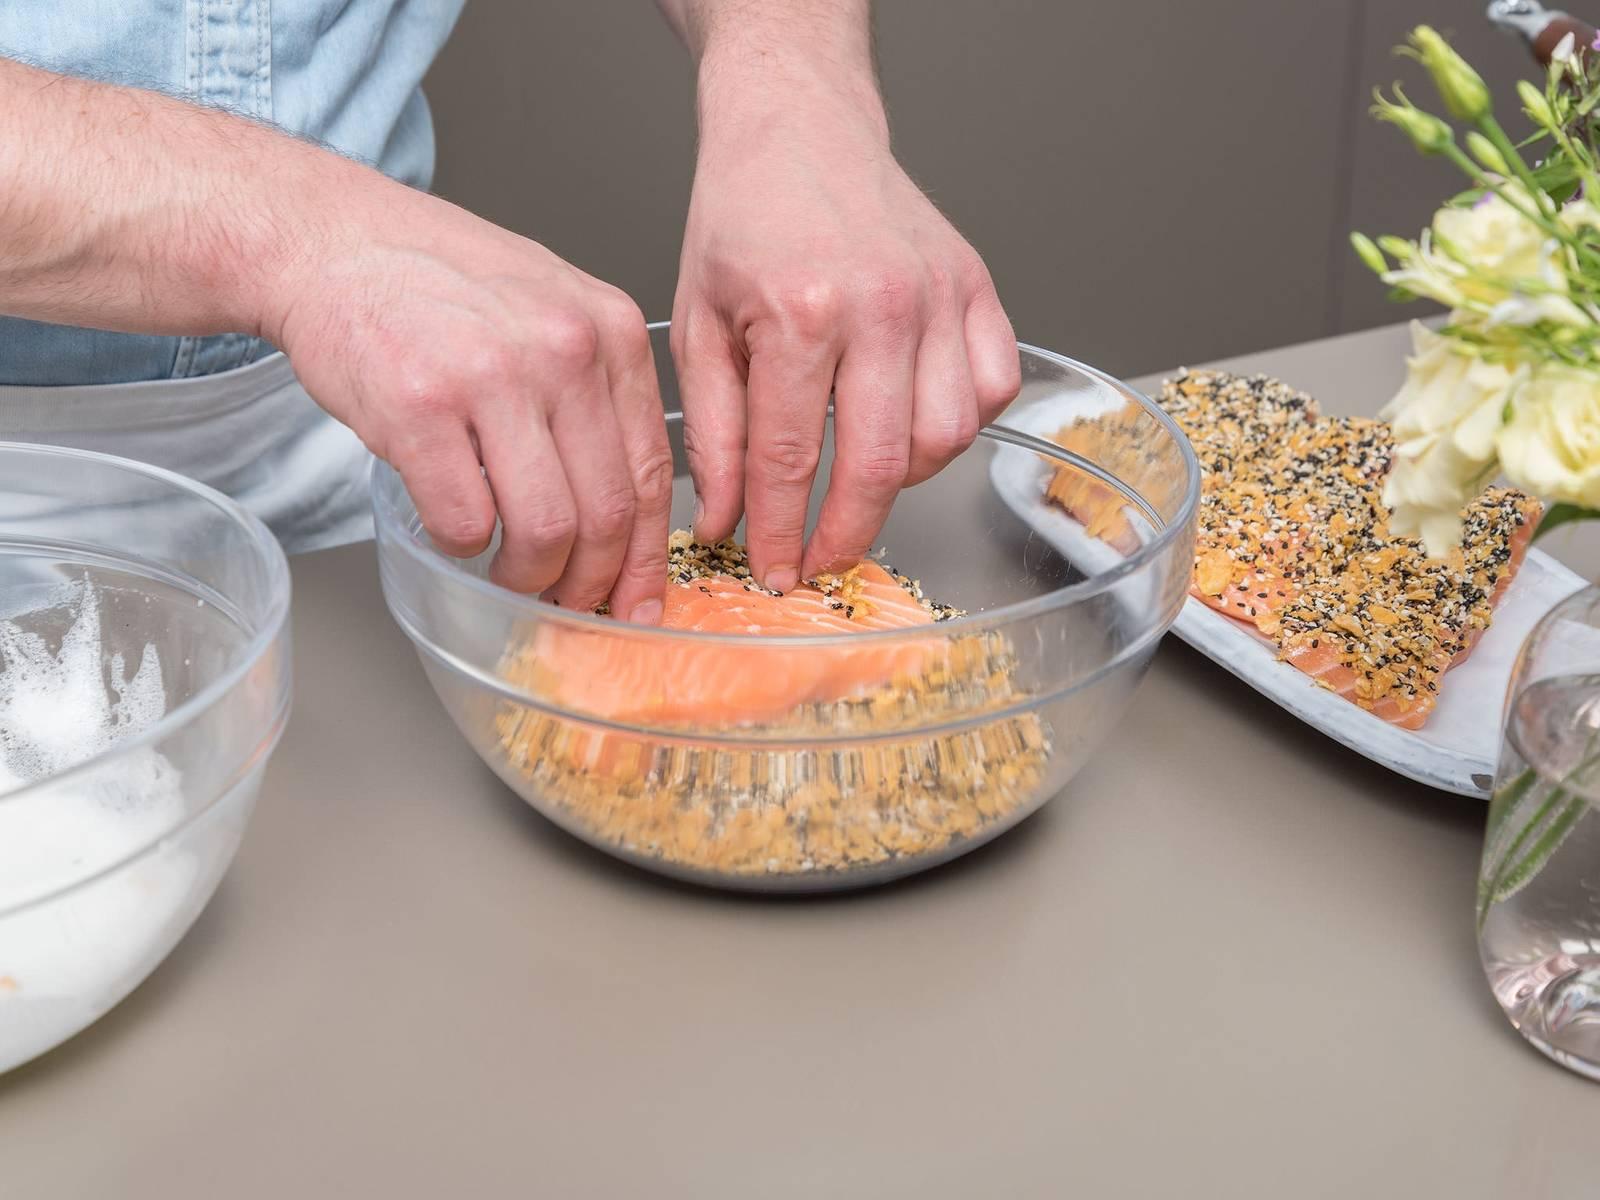 Backofen auf 120°C vorheizen. Cornflakes in eine Plastiktüte geben und zerkleinern. Sesam in einer Pfanne ca. 2 Min. rösten und anschließend in eine Rührschüssel geben. Cornflakes dazugeben und vermengen. Eiweiß in eine zweite Rührschüssel geben und aufschlagen. Oberseite der Lachsfilets erst in Eiweiß tunken und anschließend mit Sesam-Cornflakes-Mischung bedecken.